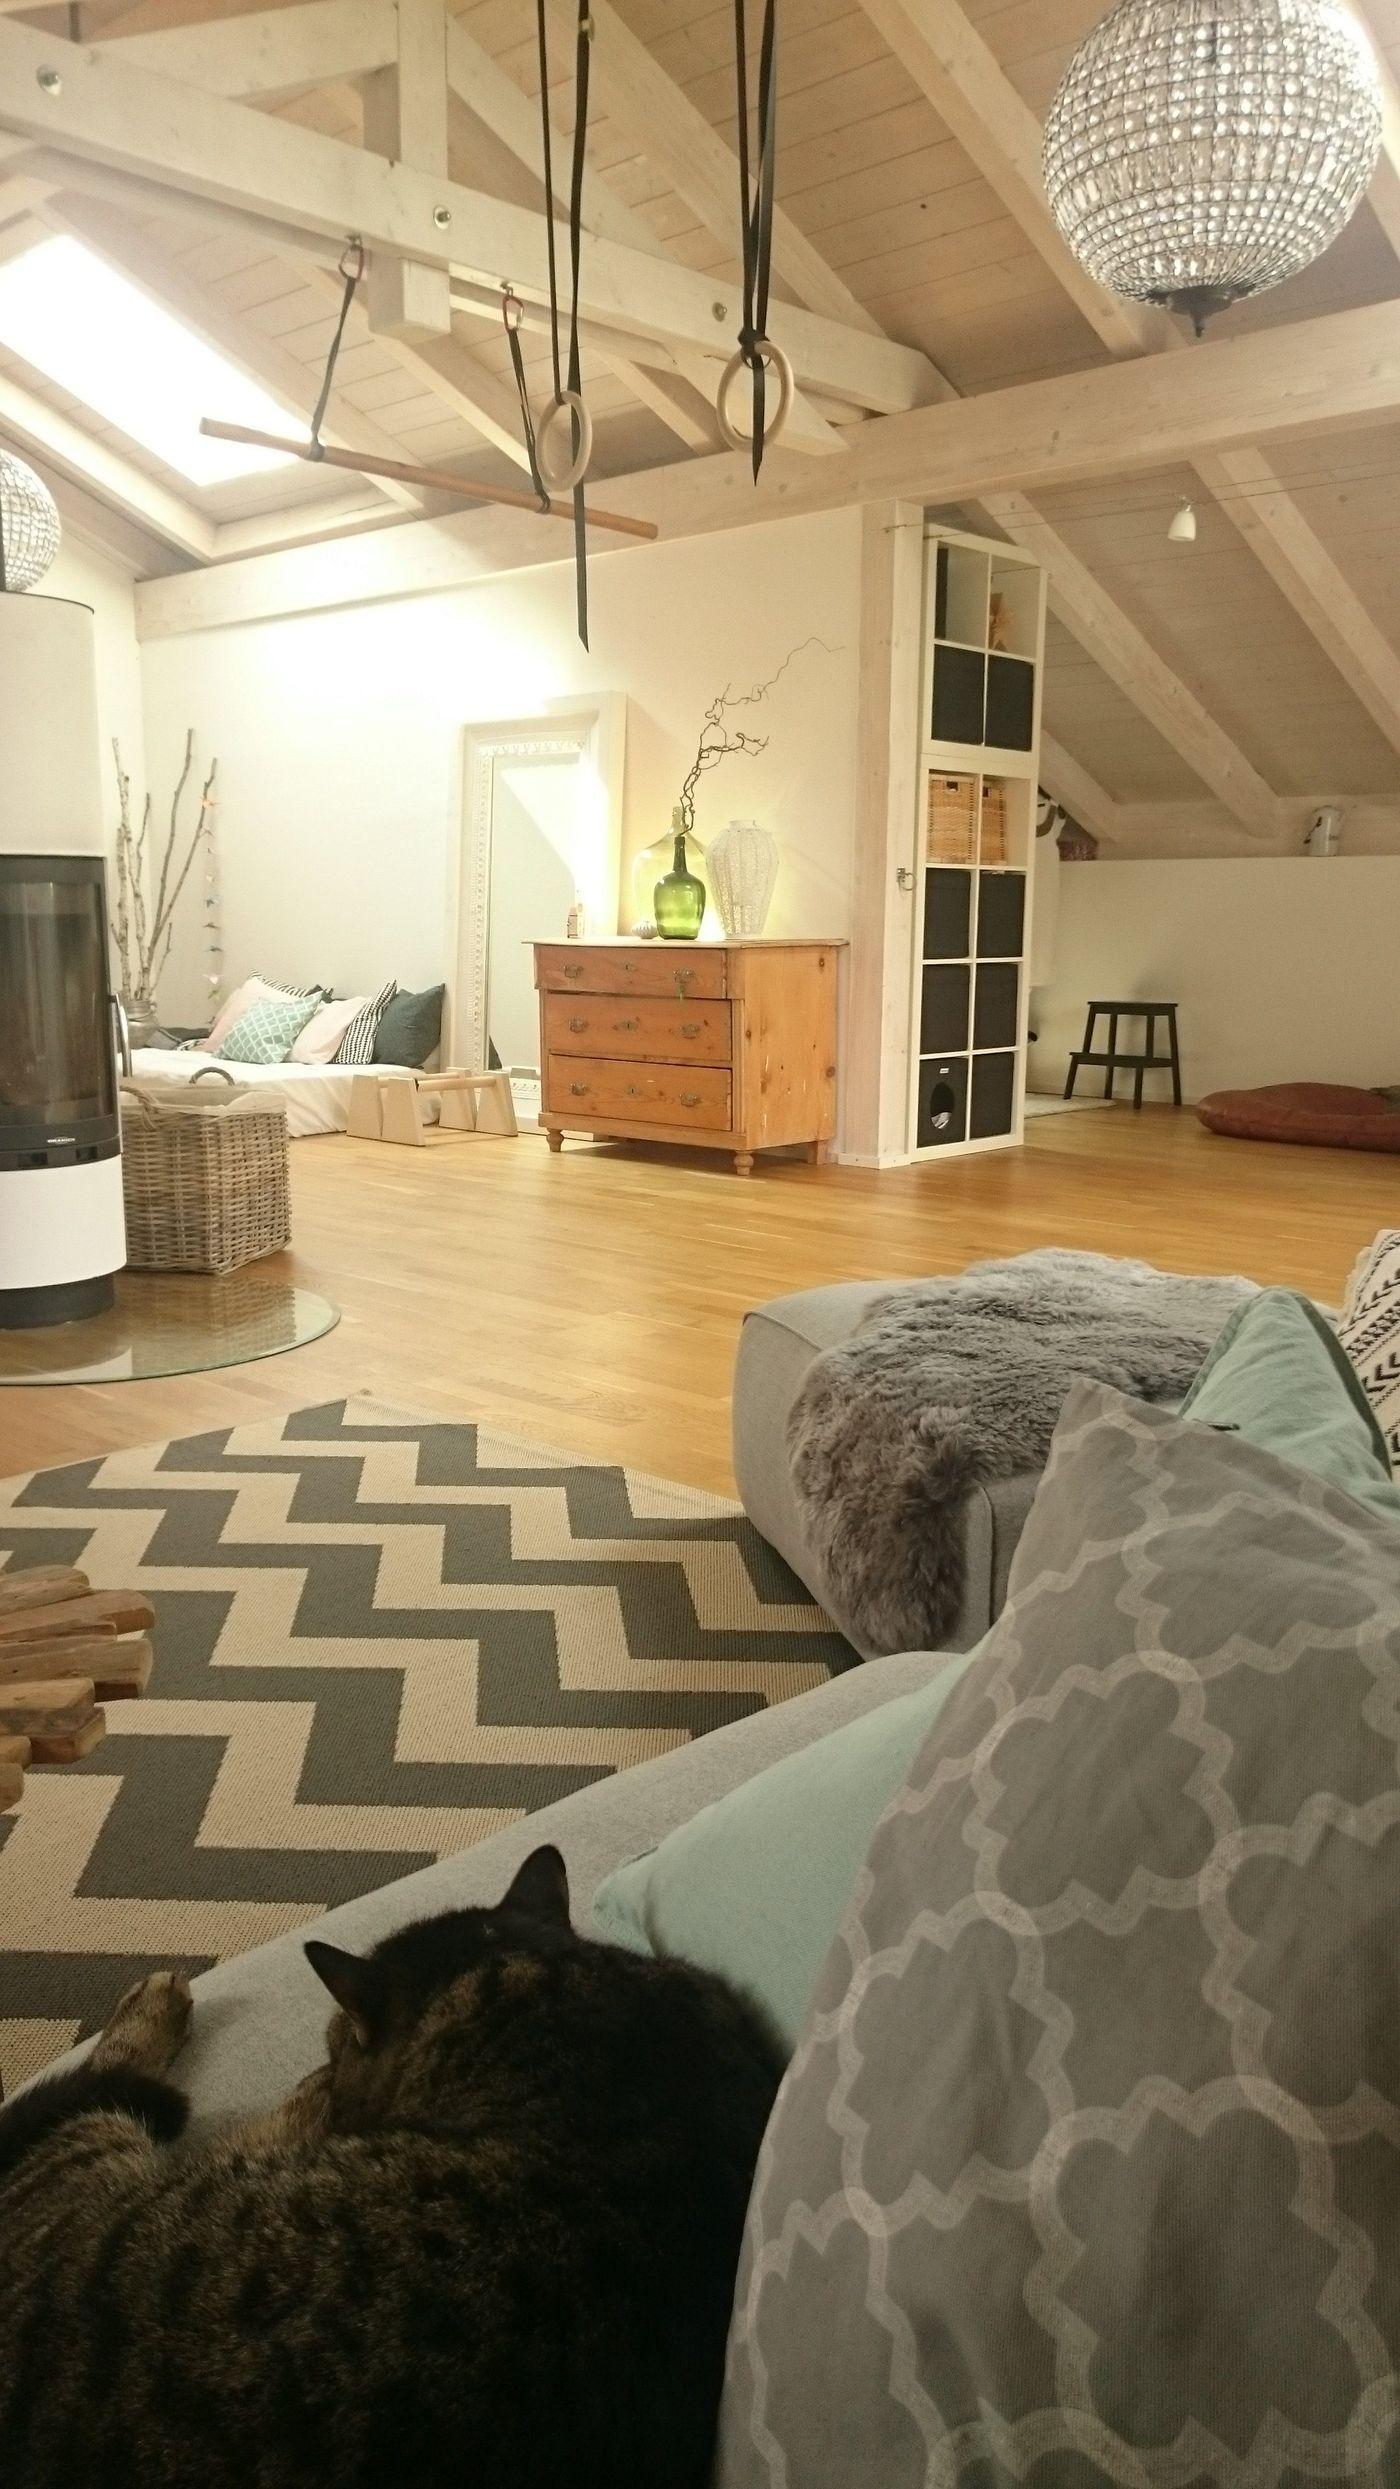 Ikea Regal. Wohnzimmer Oder Mukkibude?